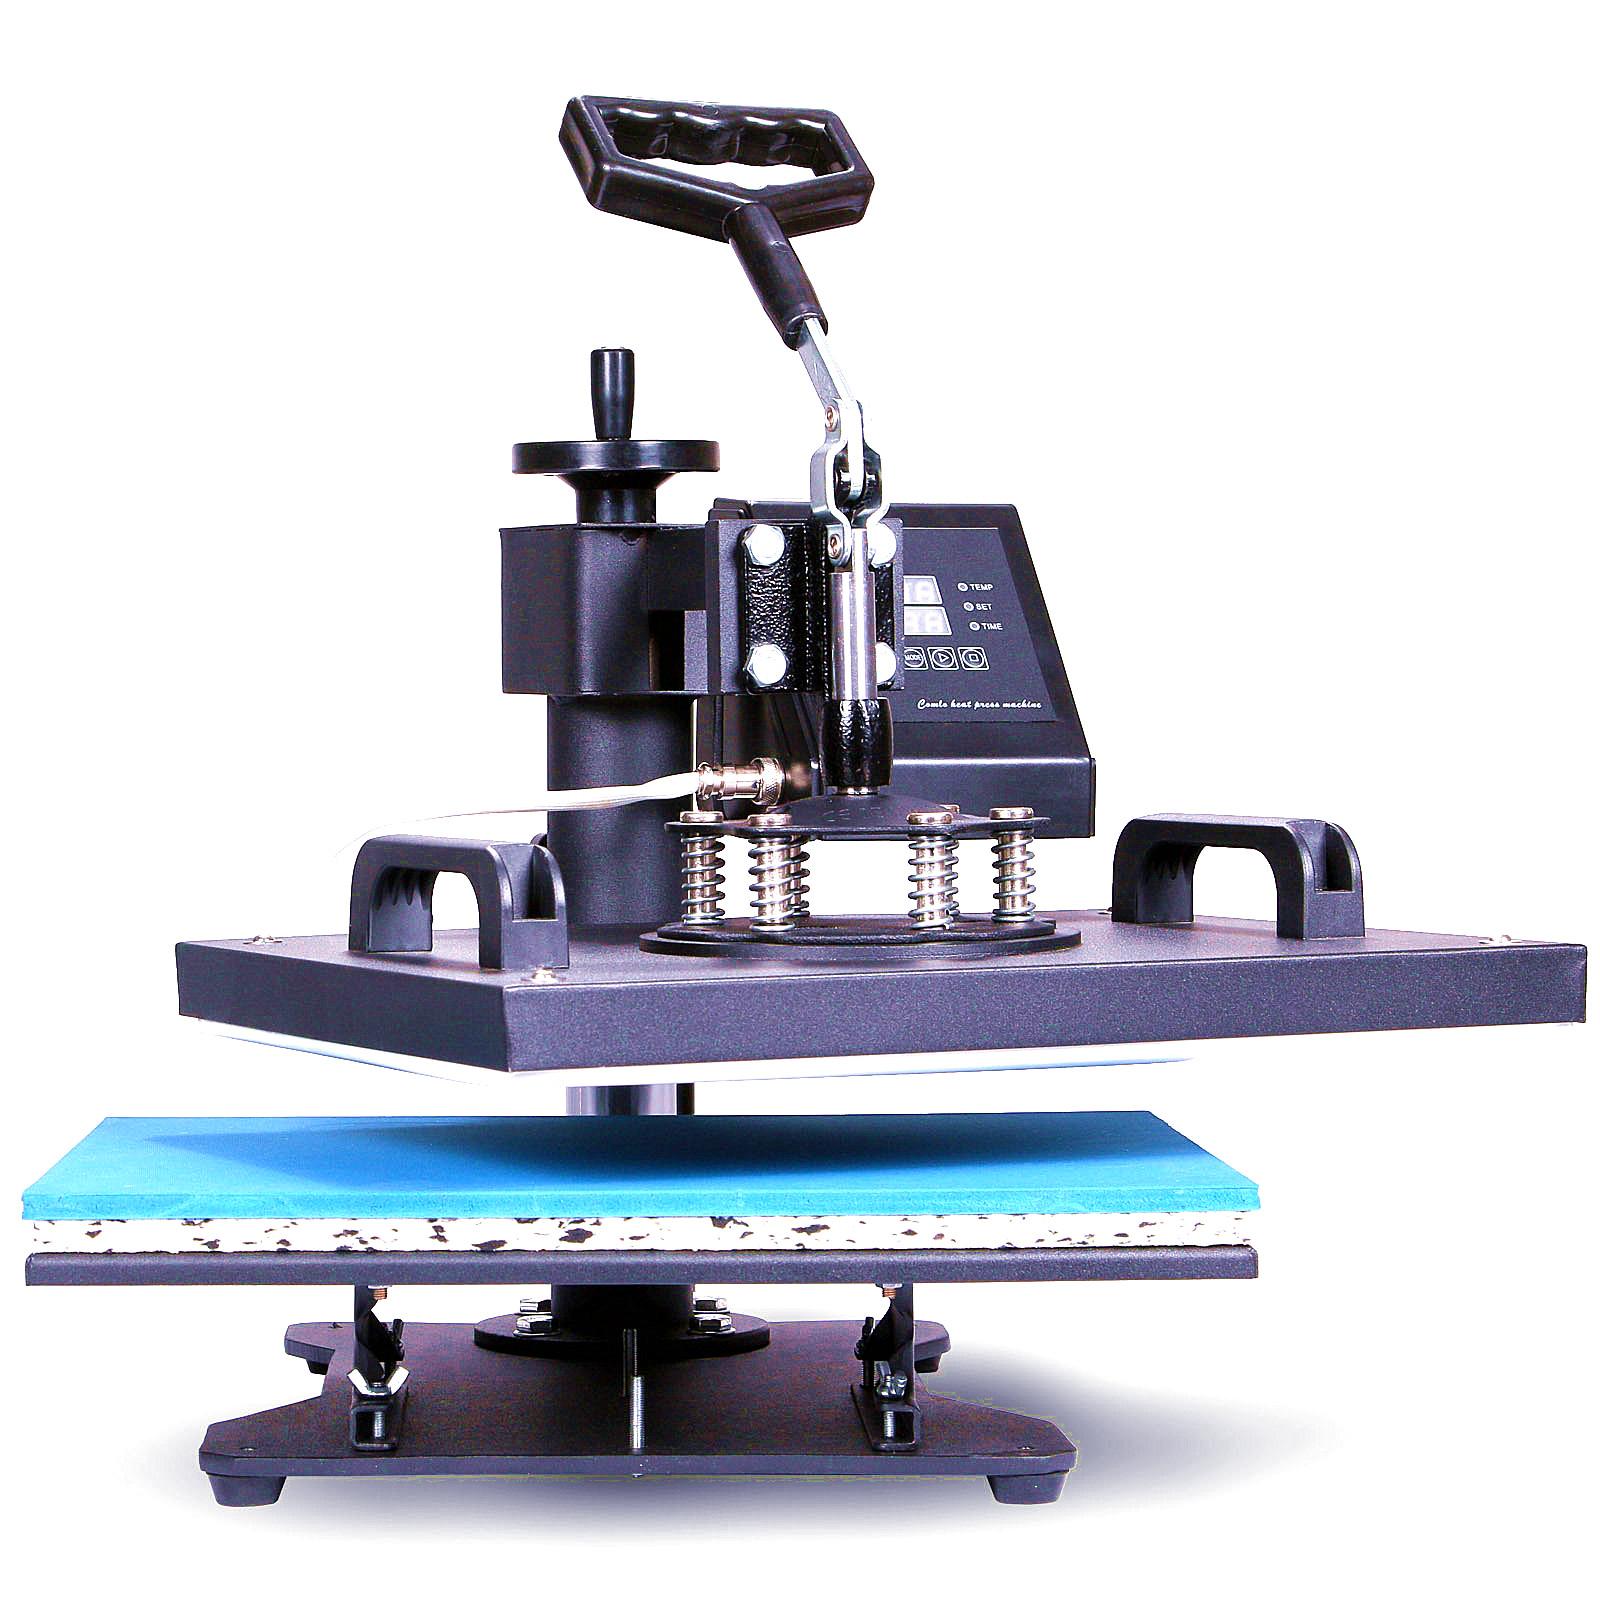 Rechercher Machine Sublimation De Les Presse Des Fabricants Tasse 6yYbfg7v